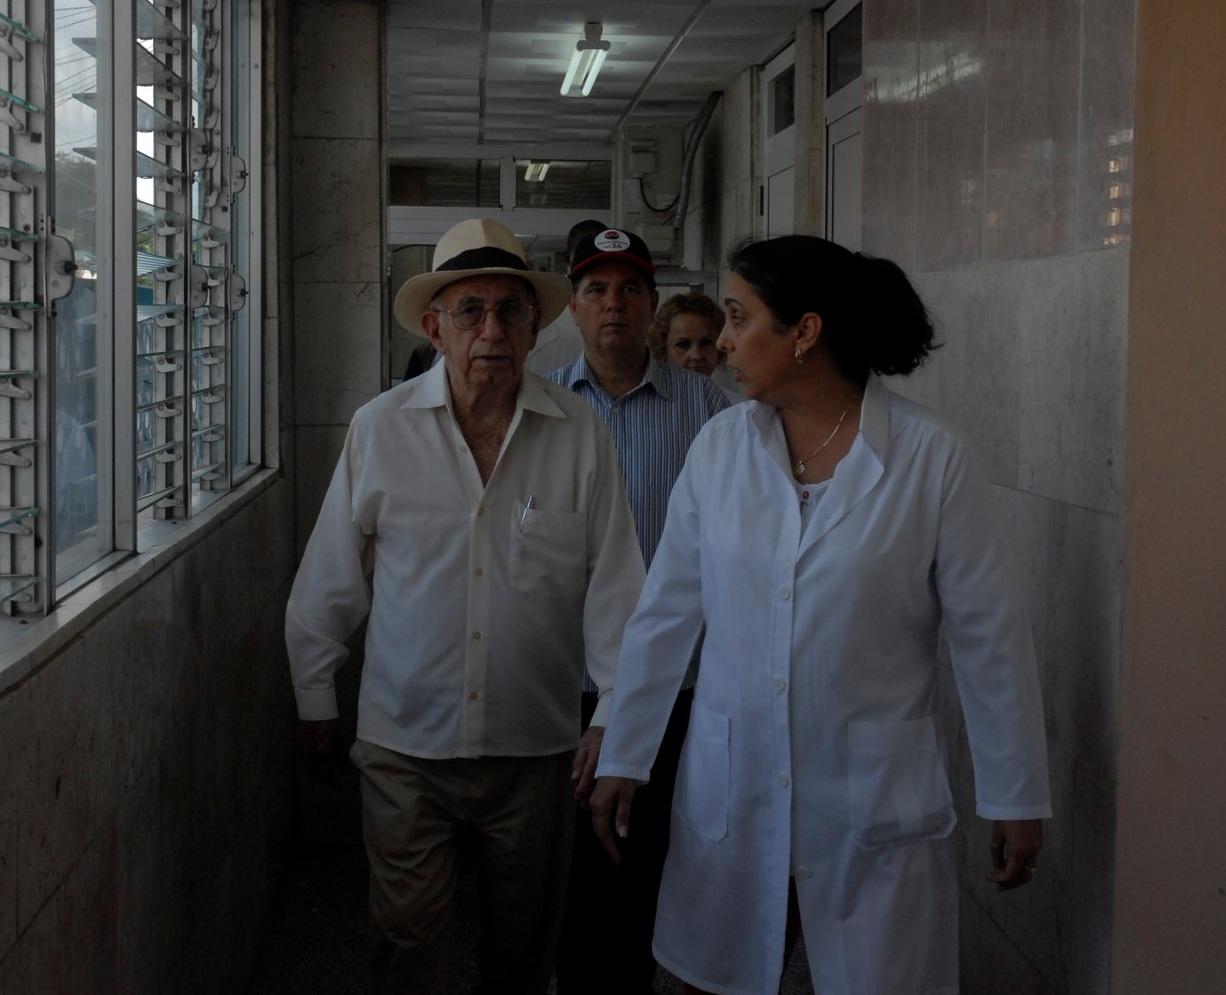 El vicepresidente de los Consejos de Estado y de Ministros se interesa por la calidad de los servicios en el Hospital Pediátrico de Sancti Spíritus. (Foto: Juan A. Borrego)